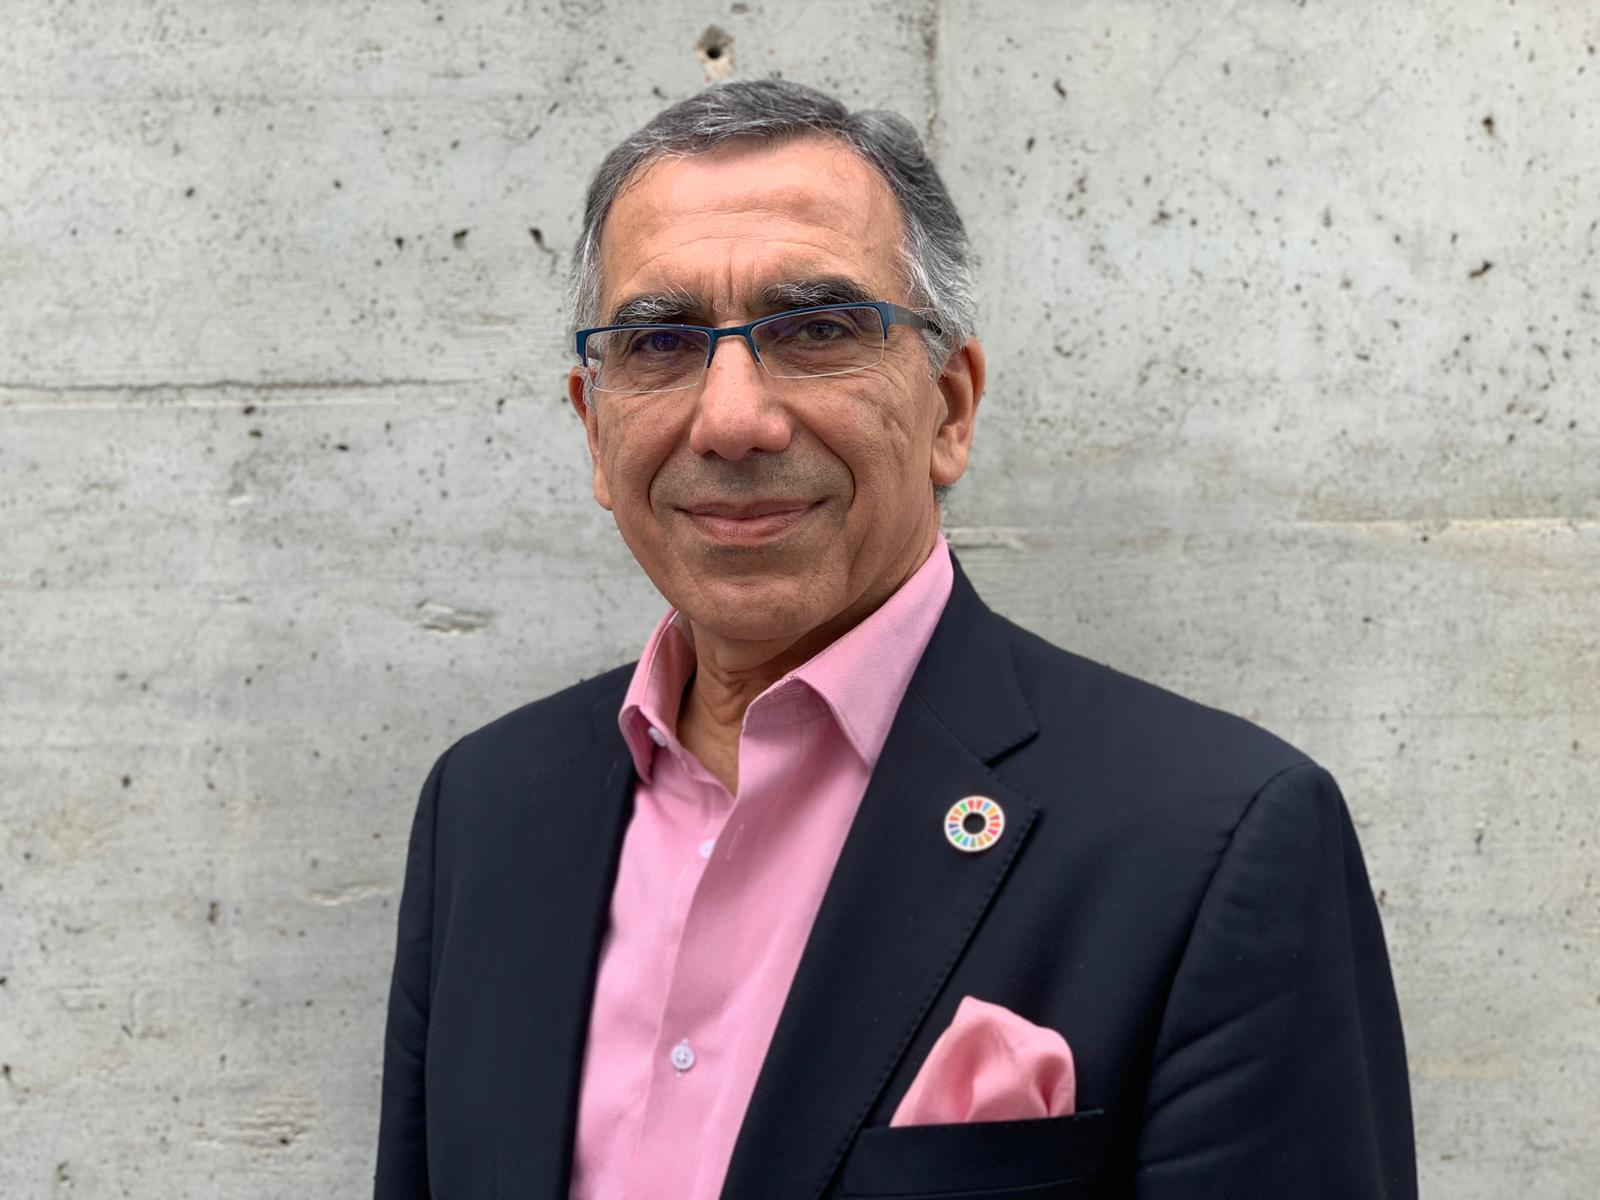 Mahmud Samandari Ambassodor of Soul.com